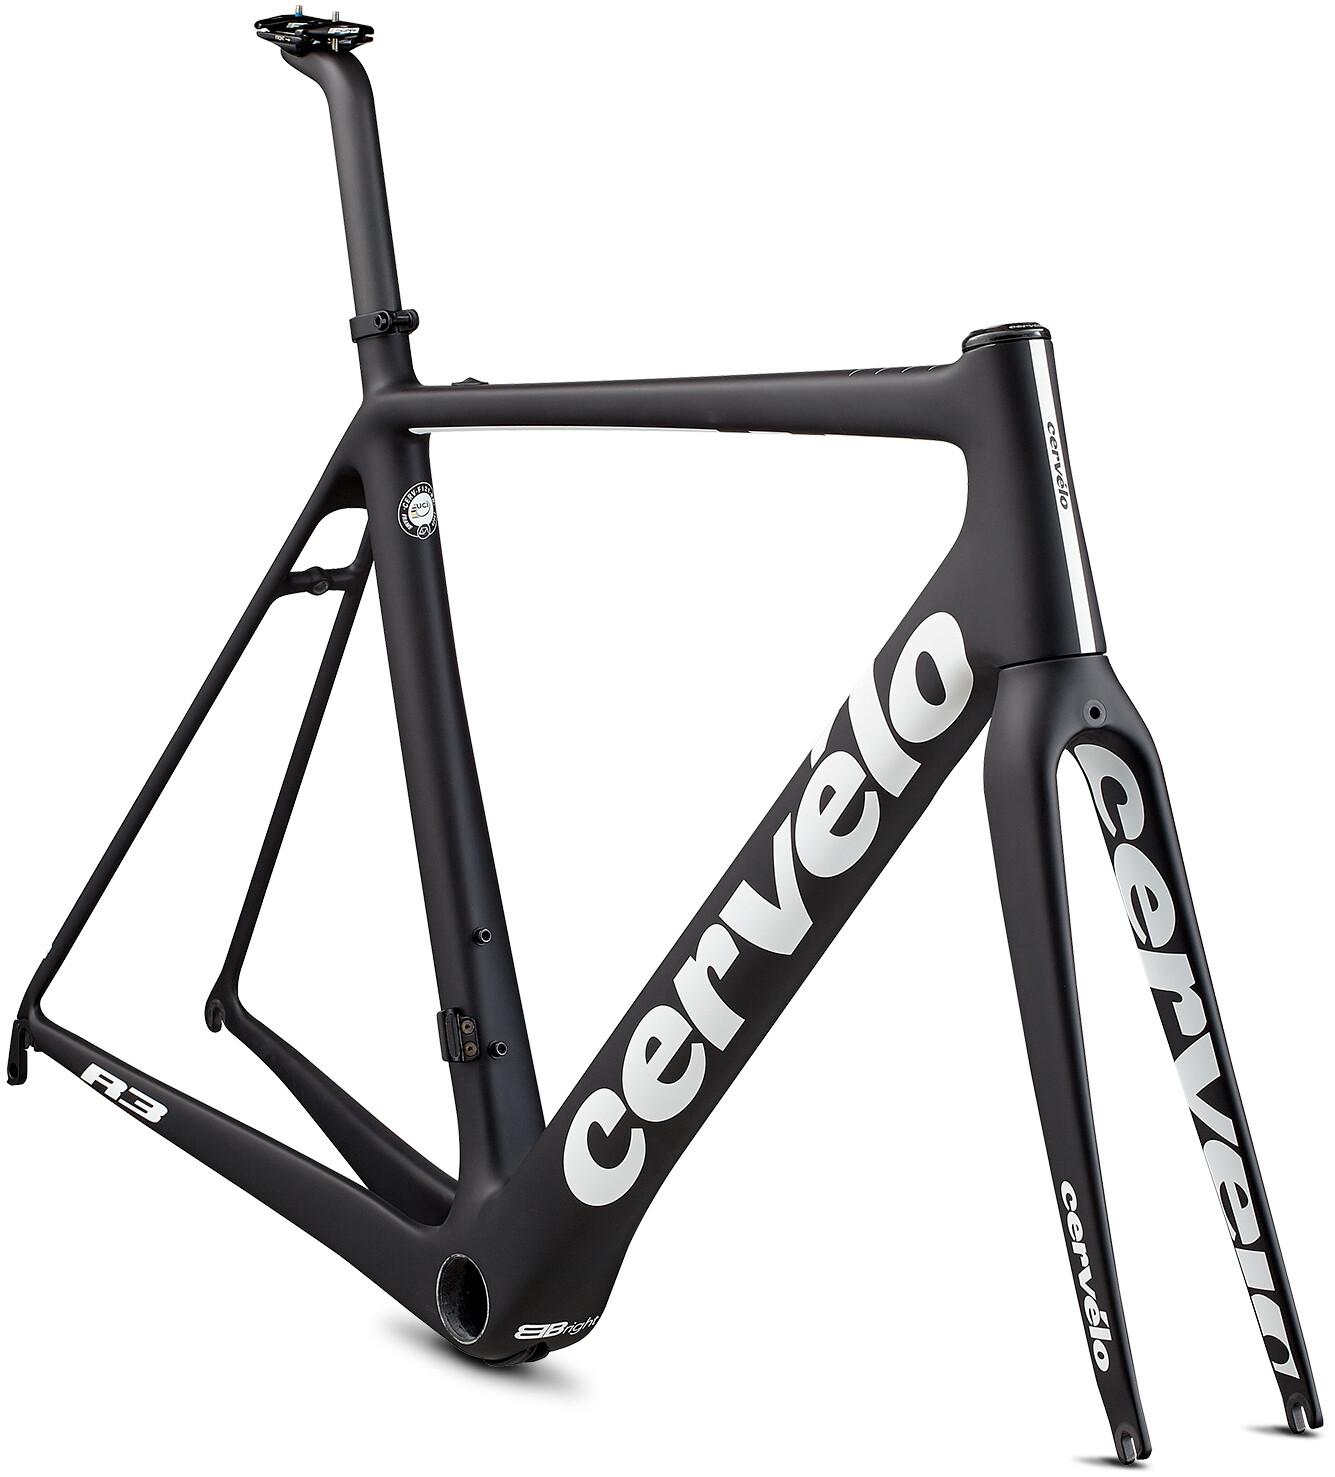 Cervelo R3 Stel, black/white | Frames